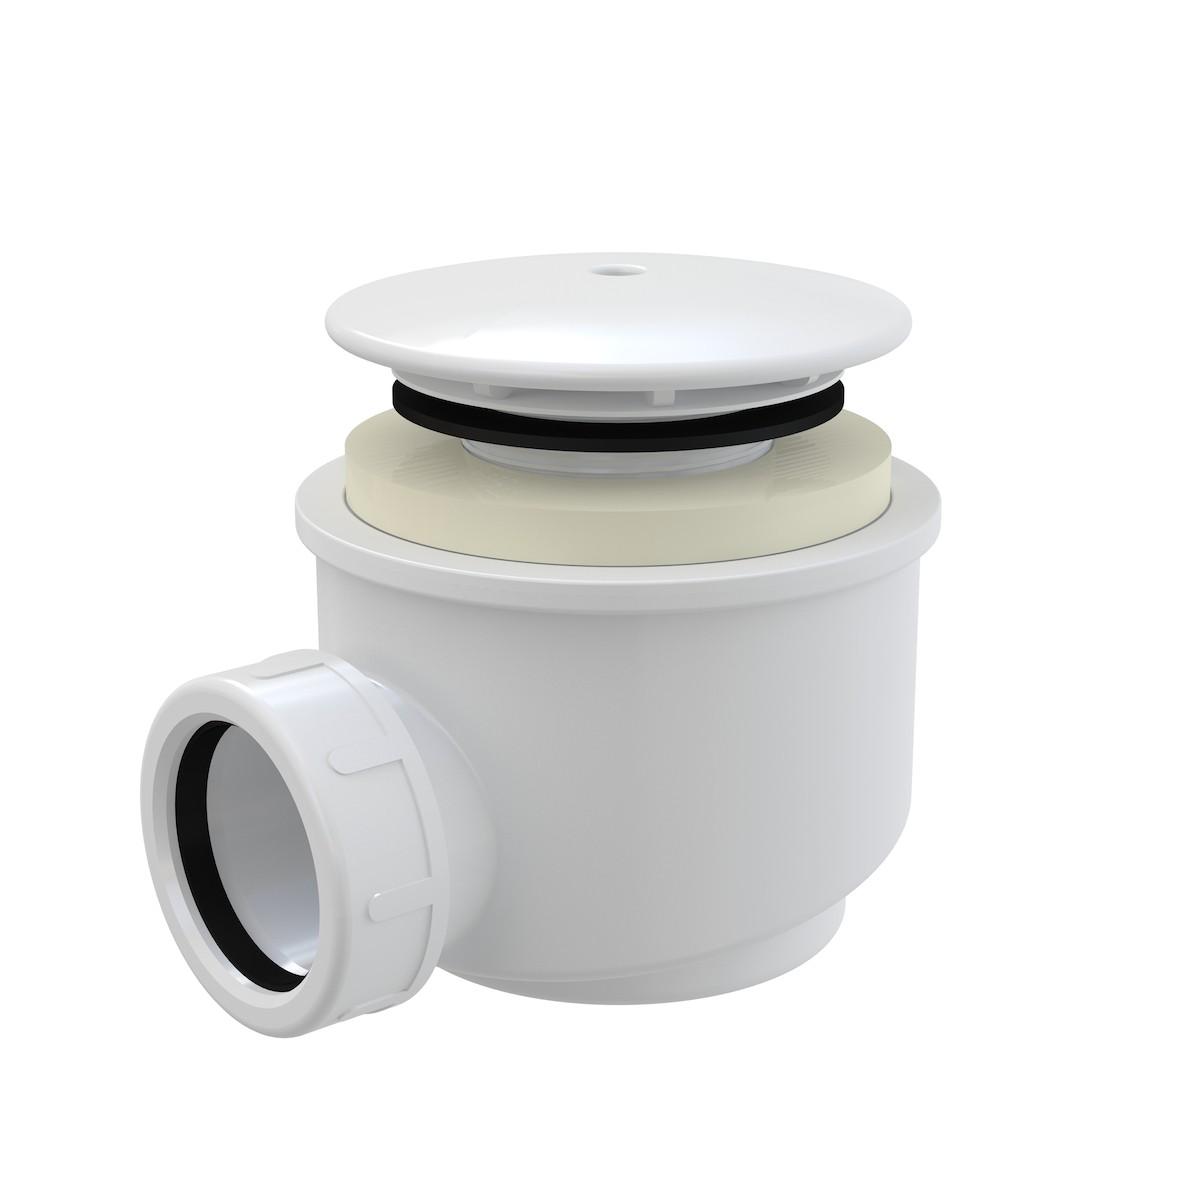 Sifón vaničkový, biela A47B-60 - Alcaplast sifón pre sprchové vaničky 60mm biely A47B-60